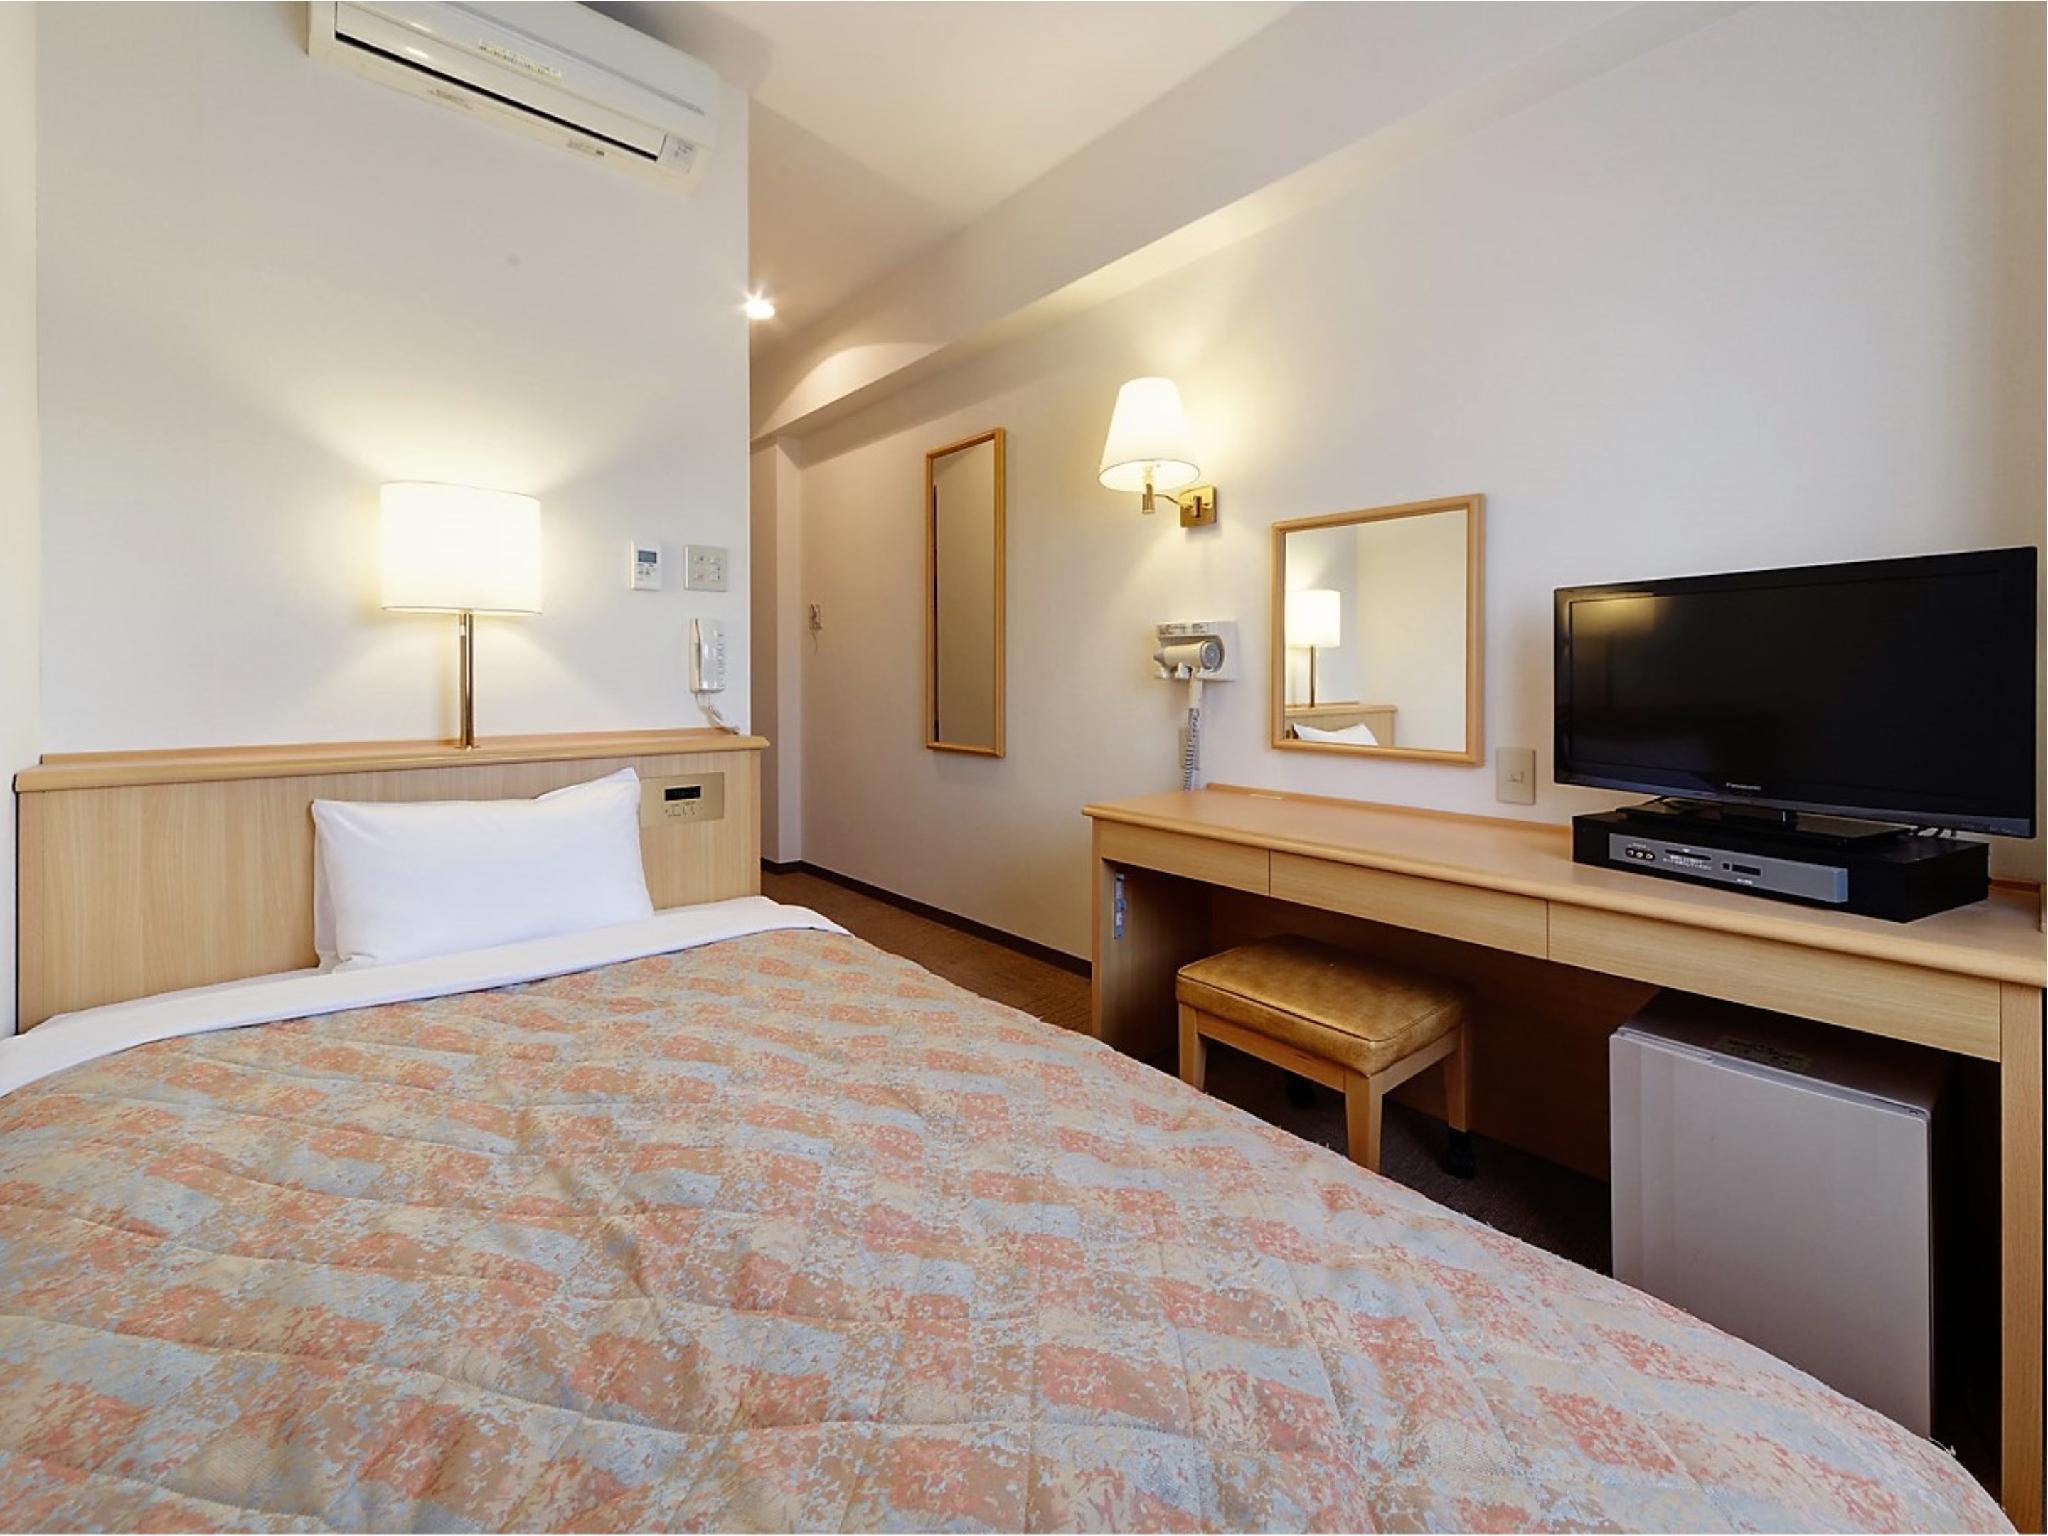 HOTEL AZ Kashima Izumi Ten, Izumi